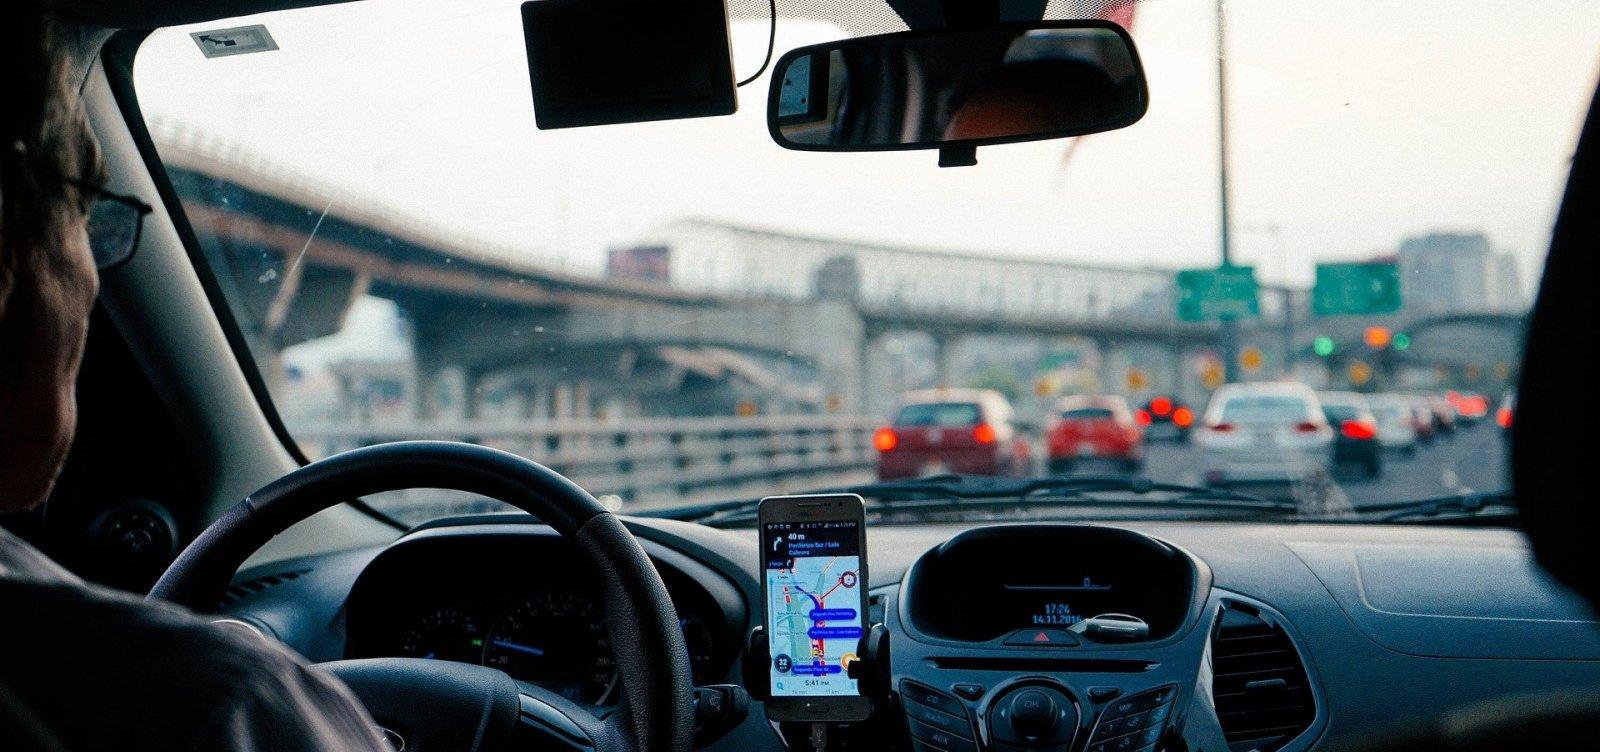 [Um em cada cinco motoristas no Brasil admite uso do celular ao dirigir, aponta pesquisa]